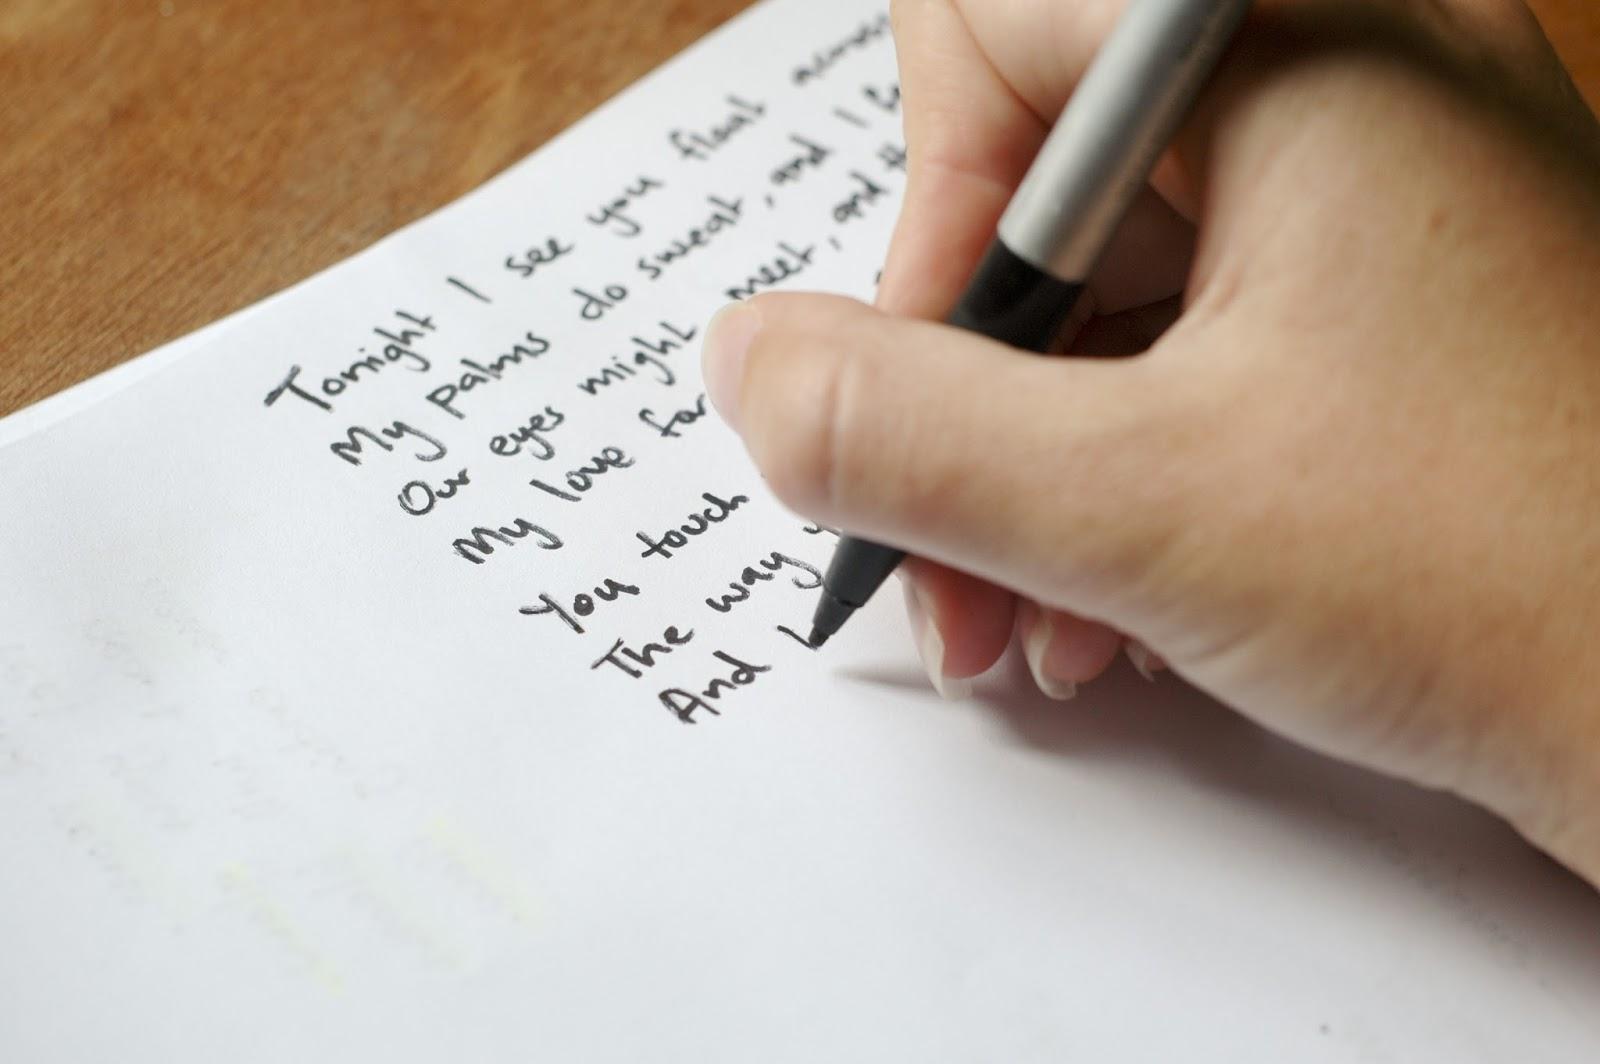 write a peom